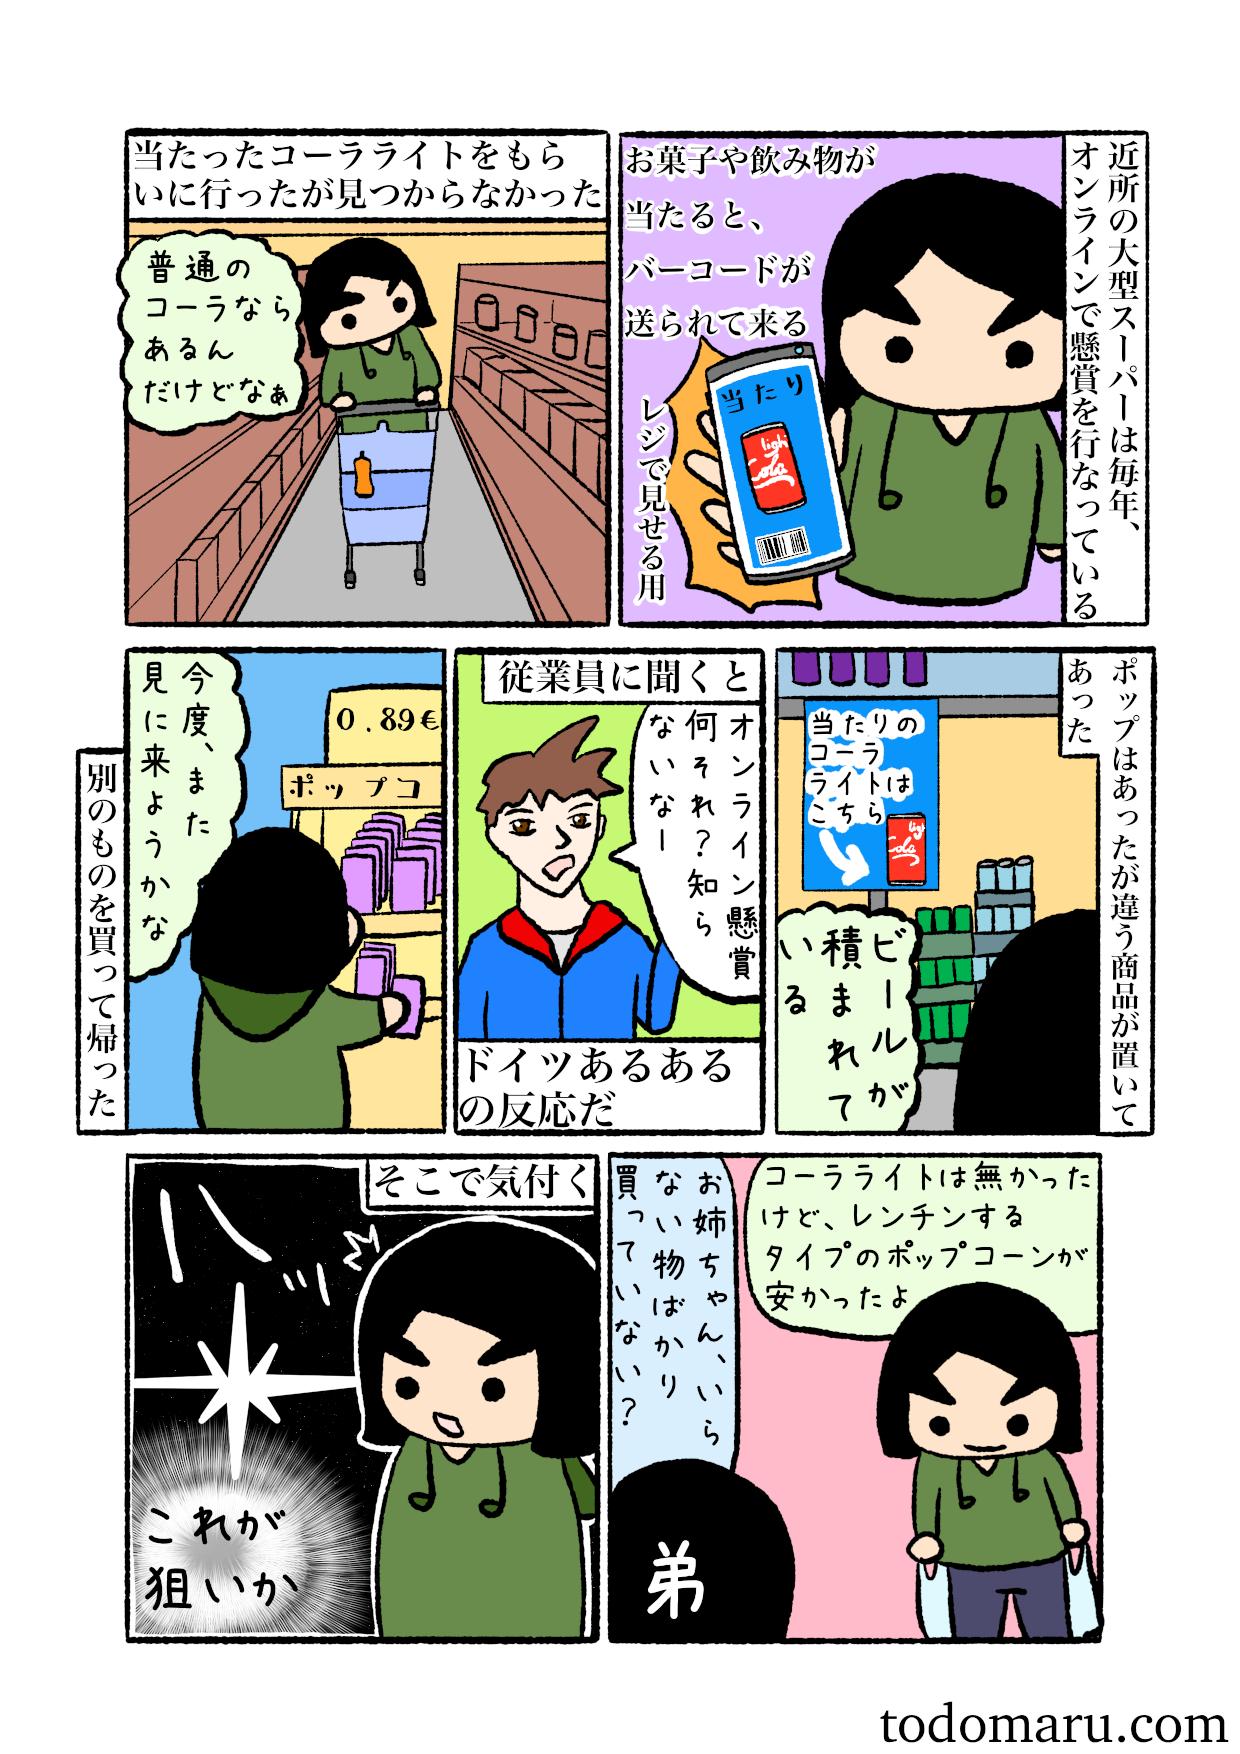 スーパー4